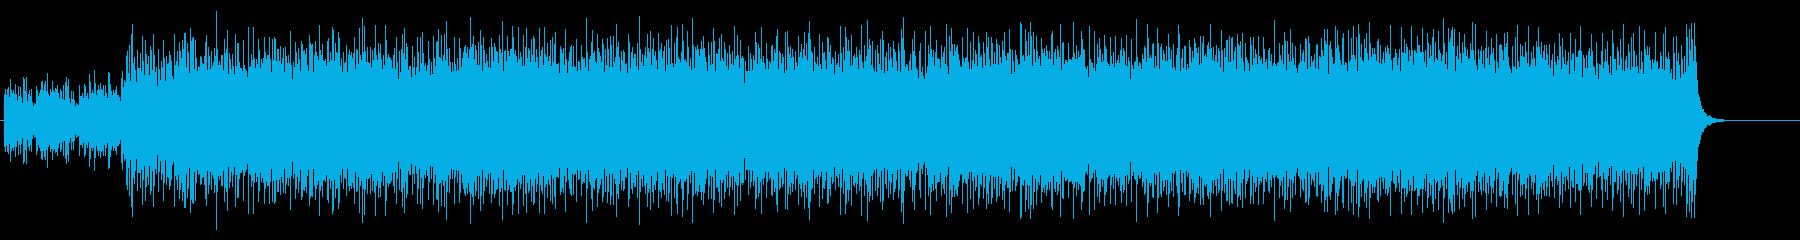 ドキュメント向けチューブラー・ベルの再生済みの波形